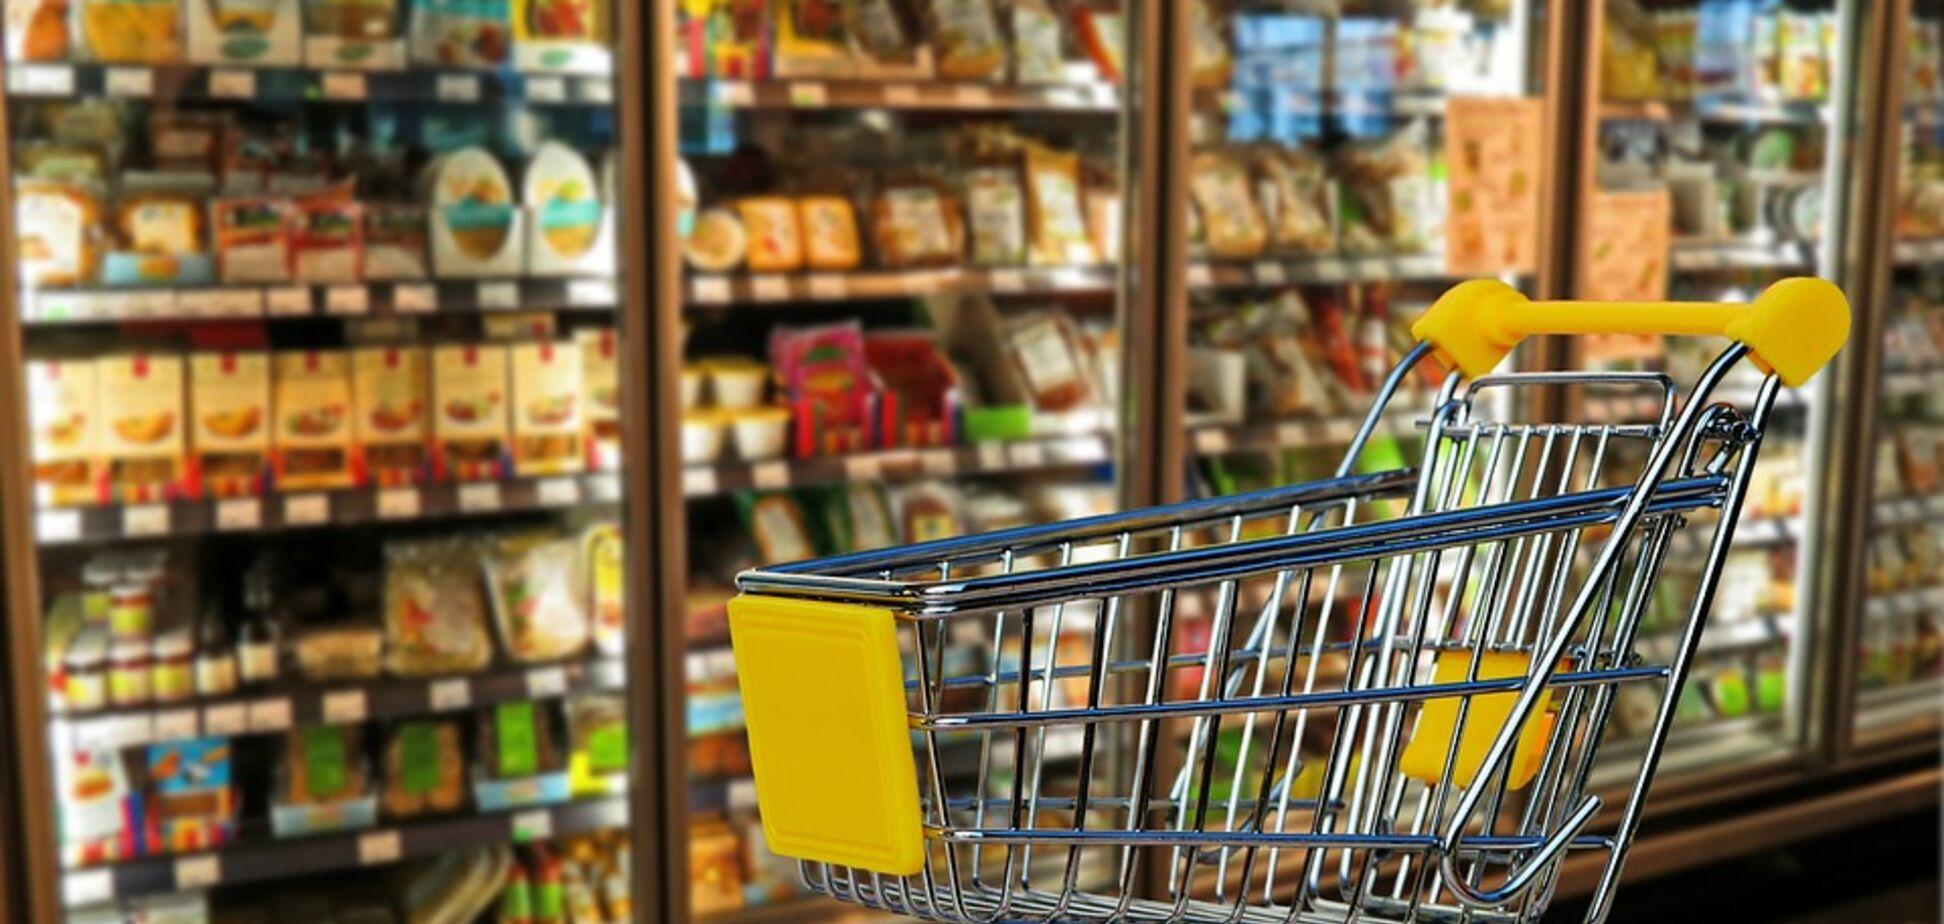 В Украине взлетят цены на самый популярный продукт: когда и на сколько